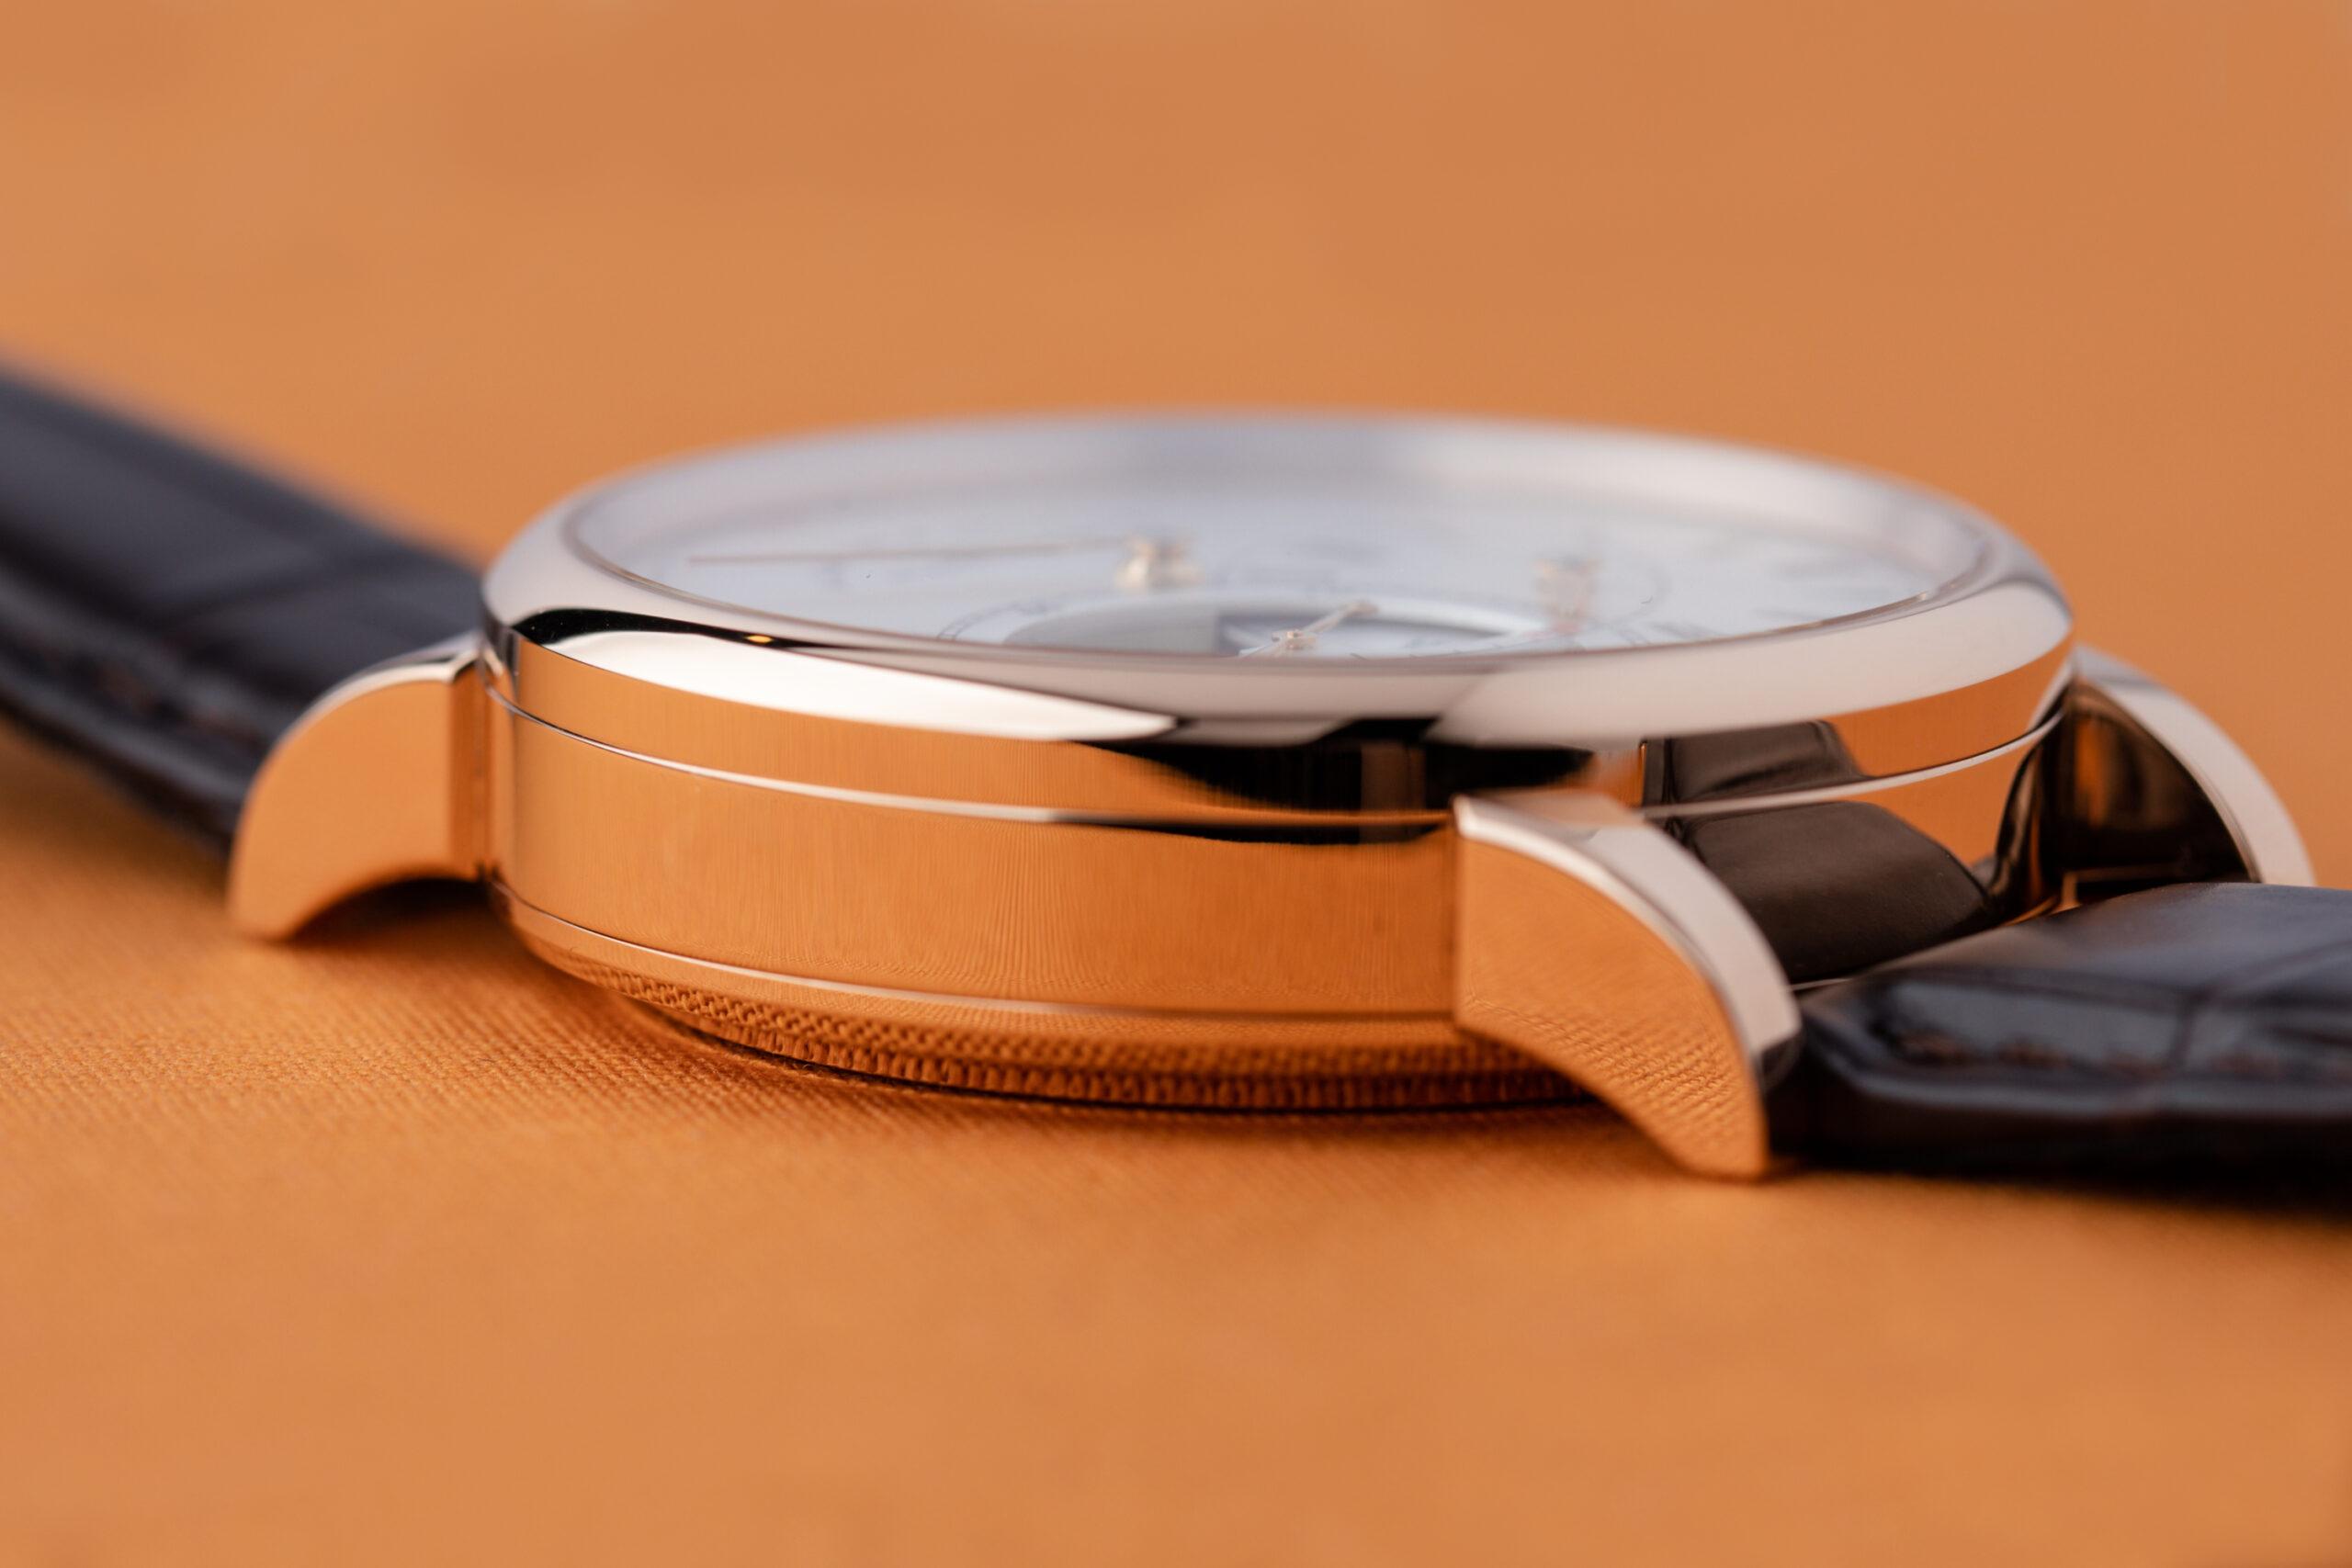 Richard Lange Tourbillon Pour le Merite | Pink Gold